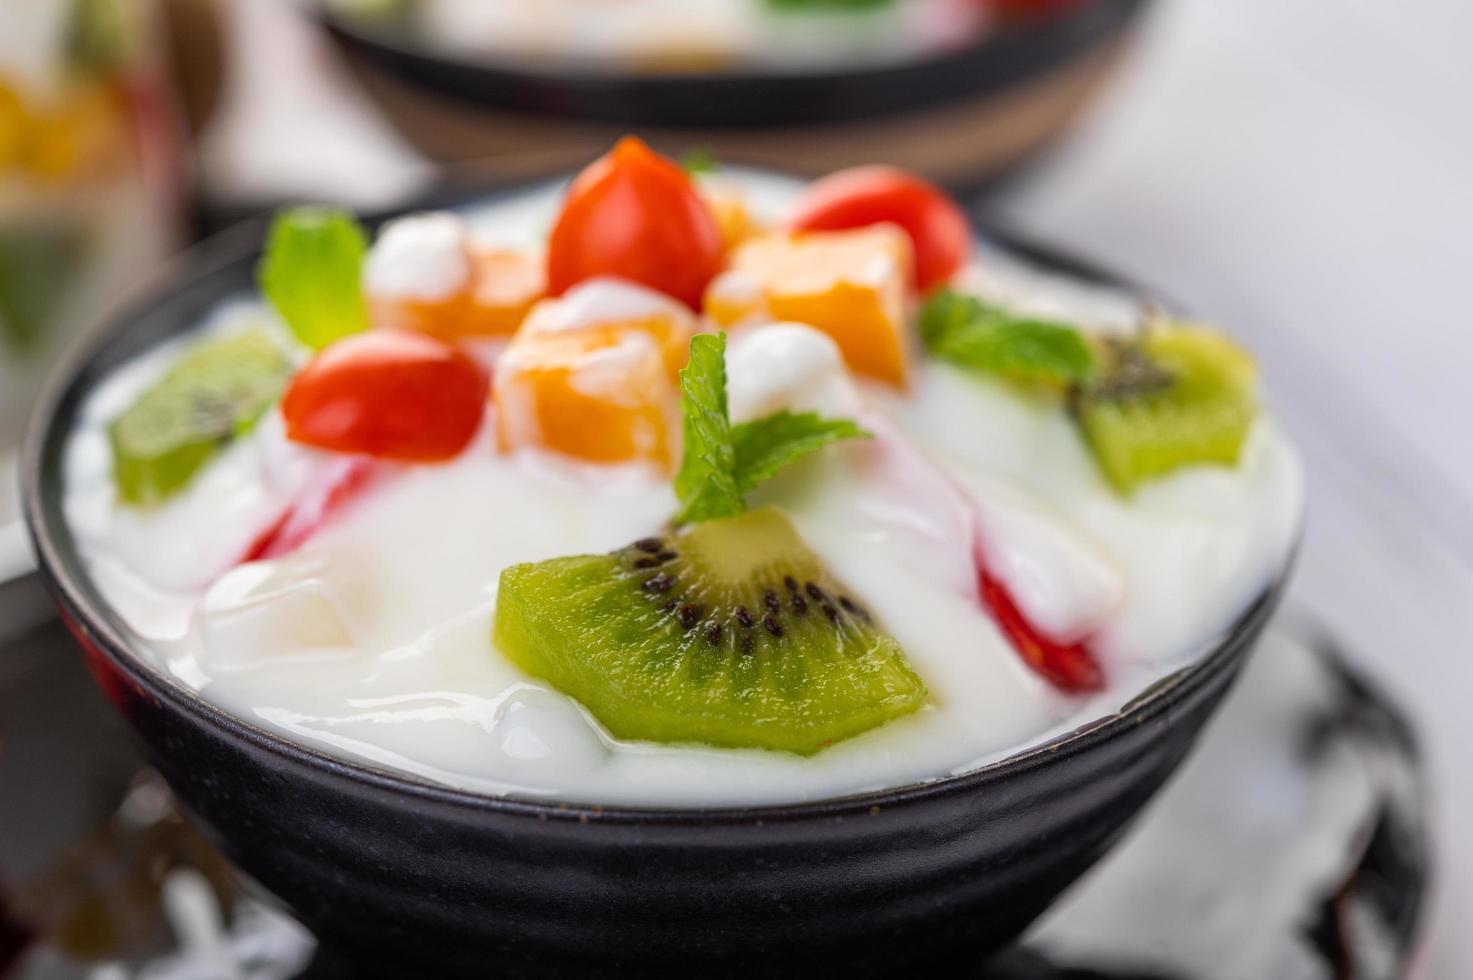 ensalada de frutas en un tazón de yogur foto